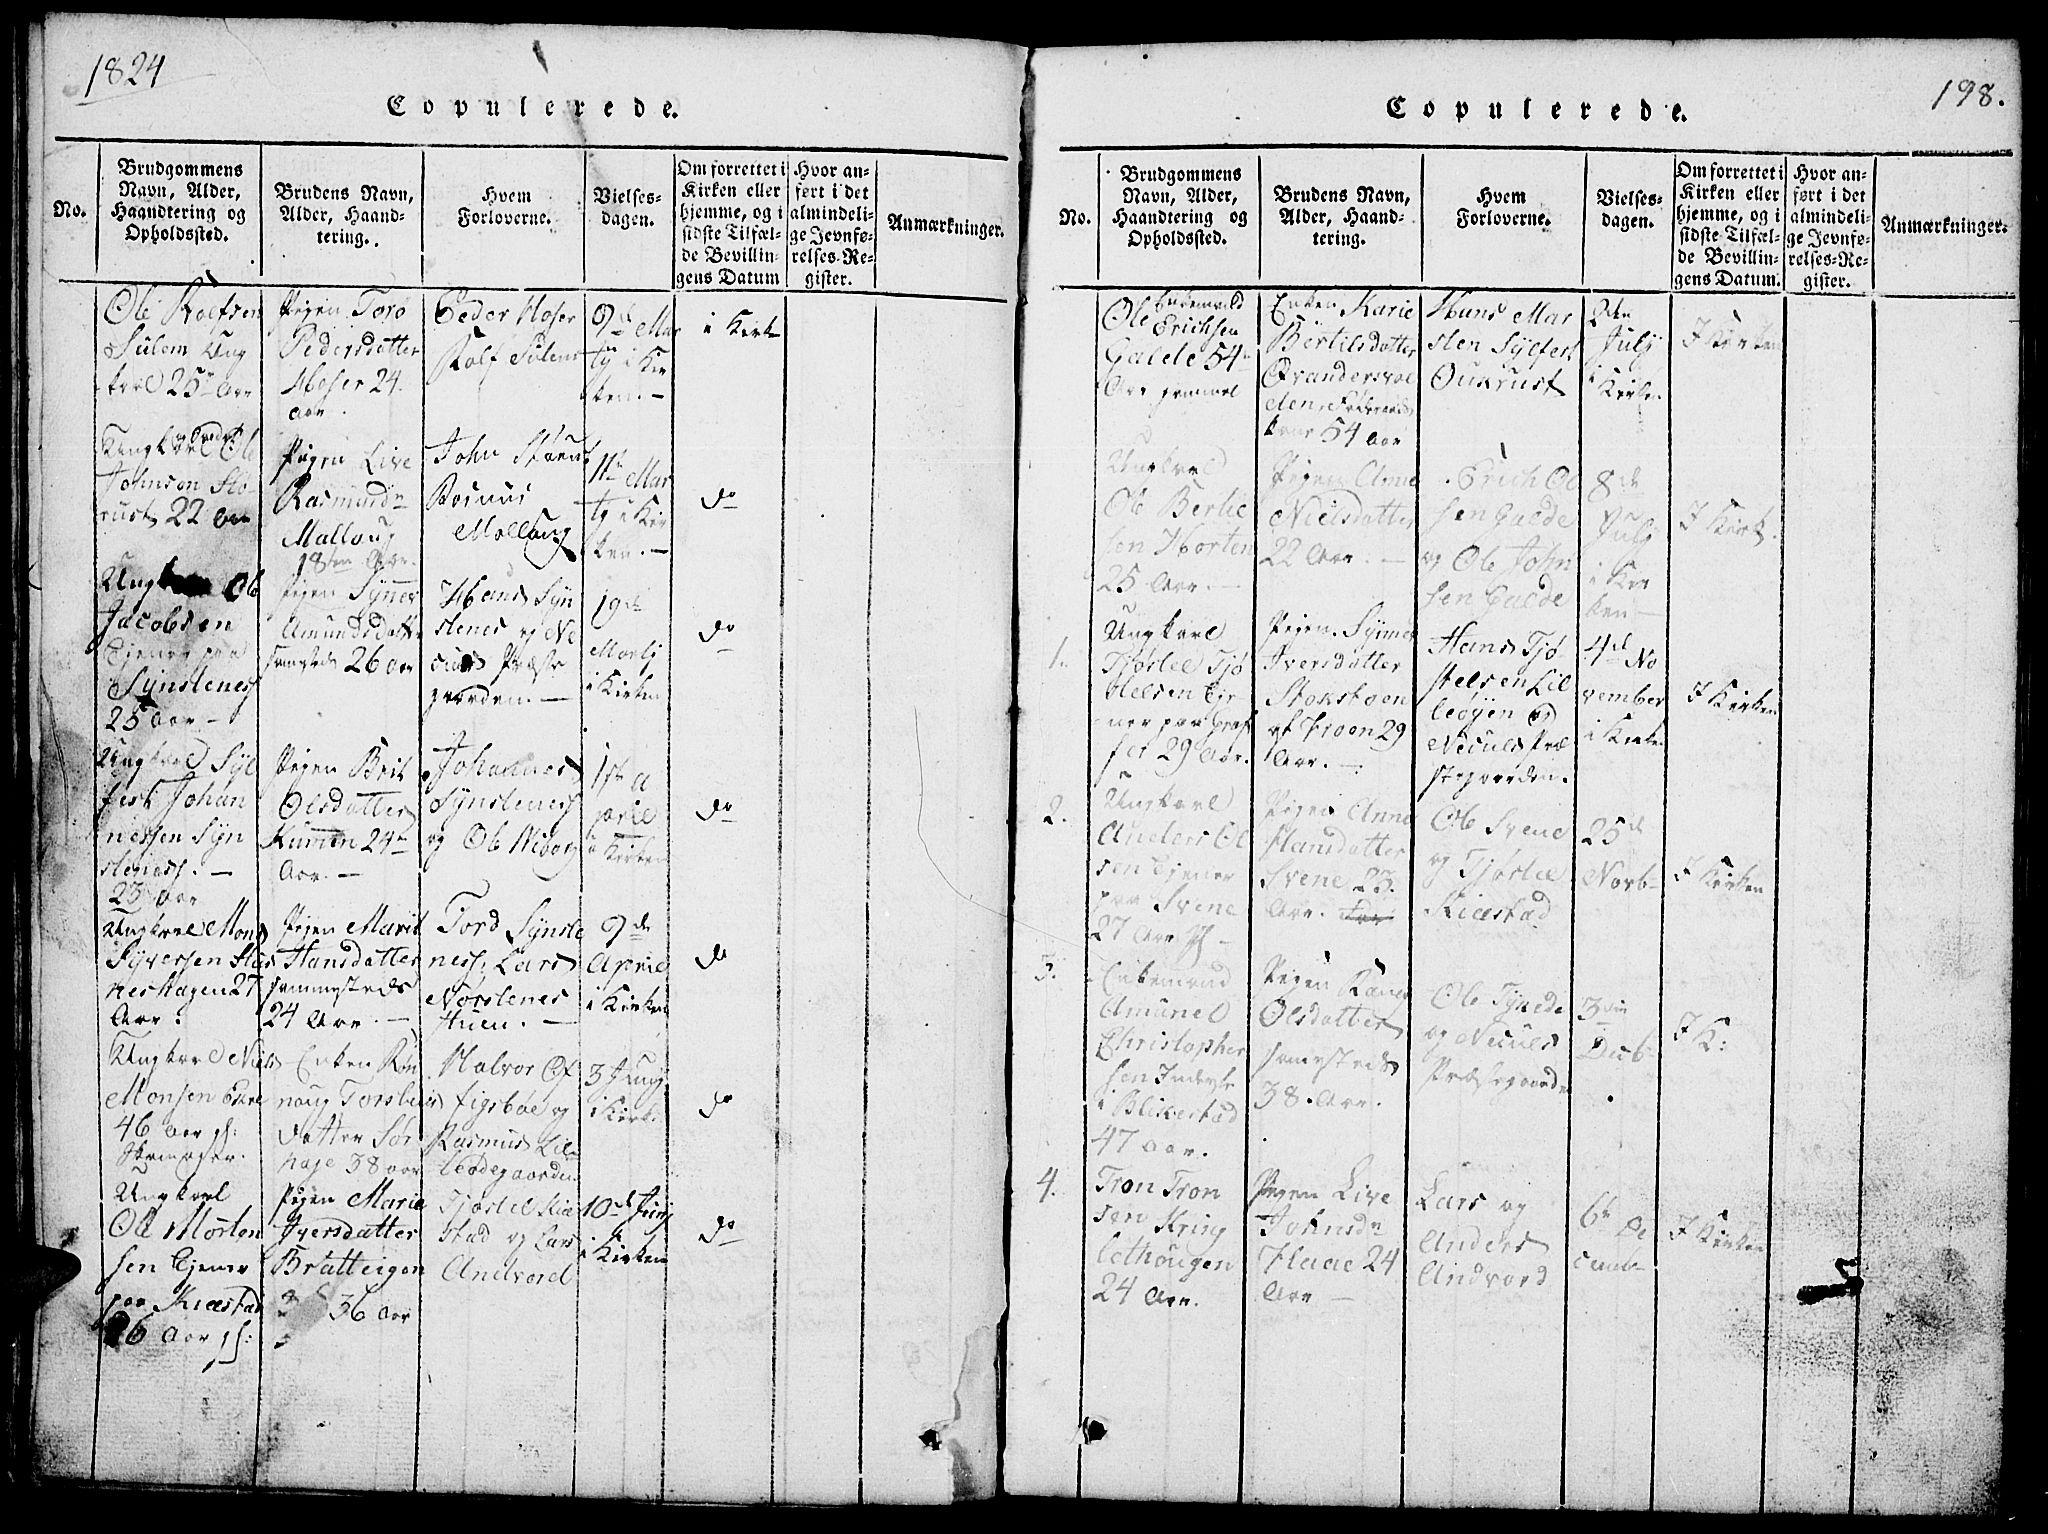 SAH, Lom prestekontor, L/L0001: Klokkerbok nr. 1, 1815-1836, s. 198